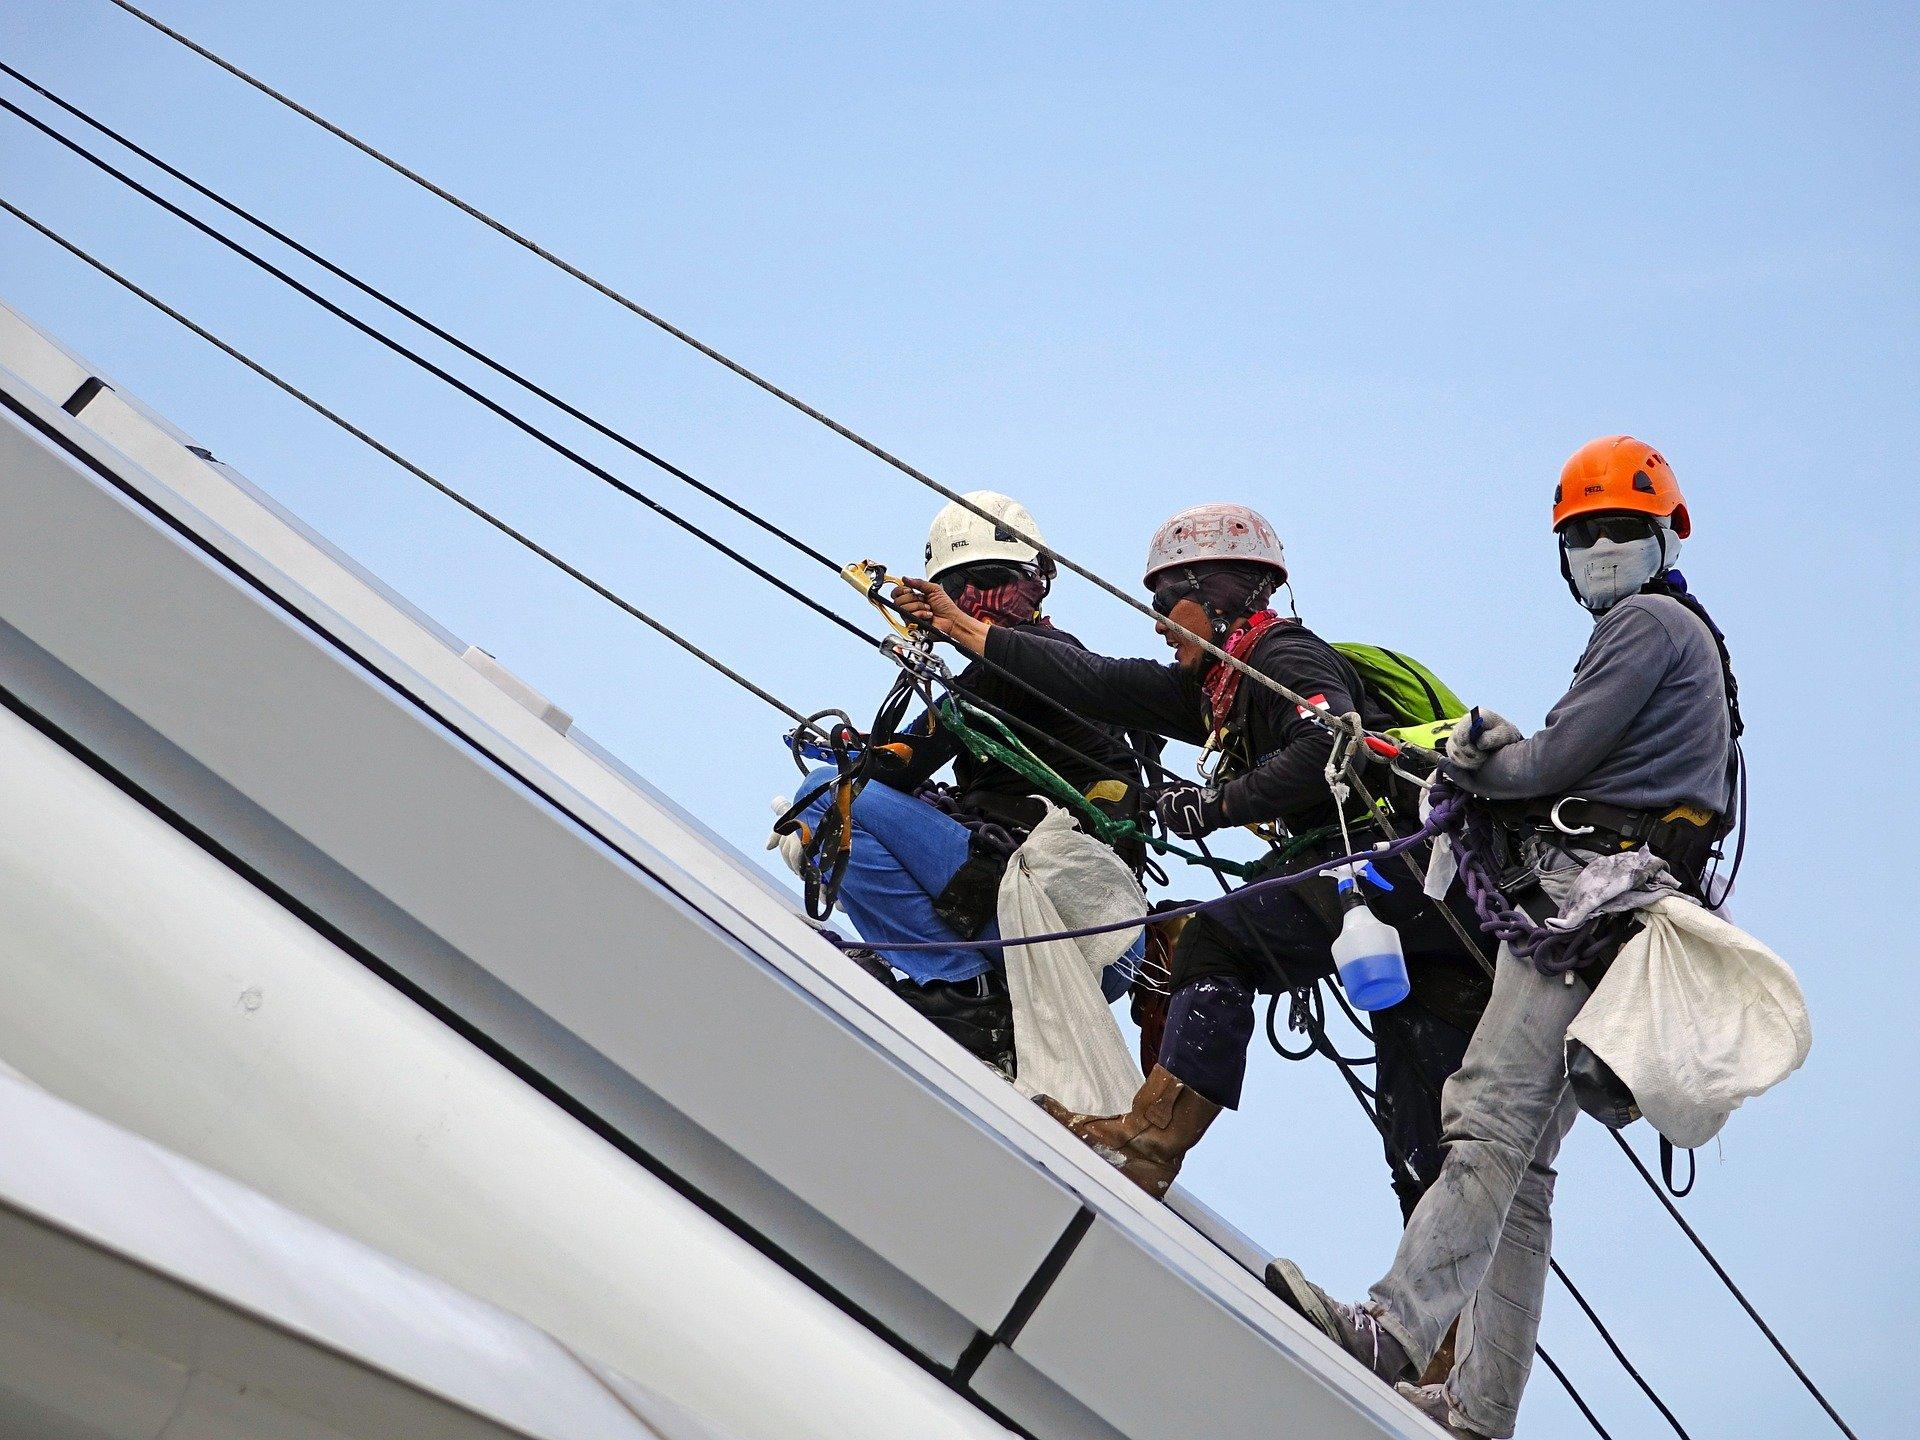 רתמת בטיחות לעבודה בגובה